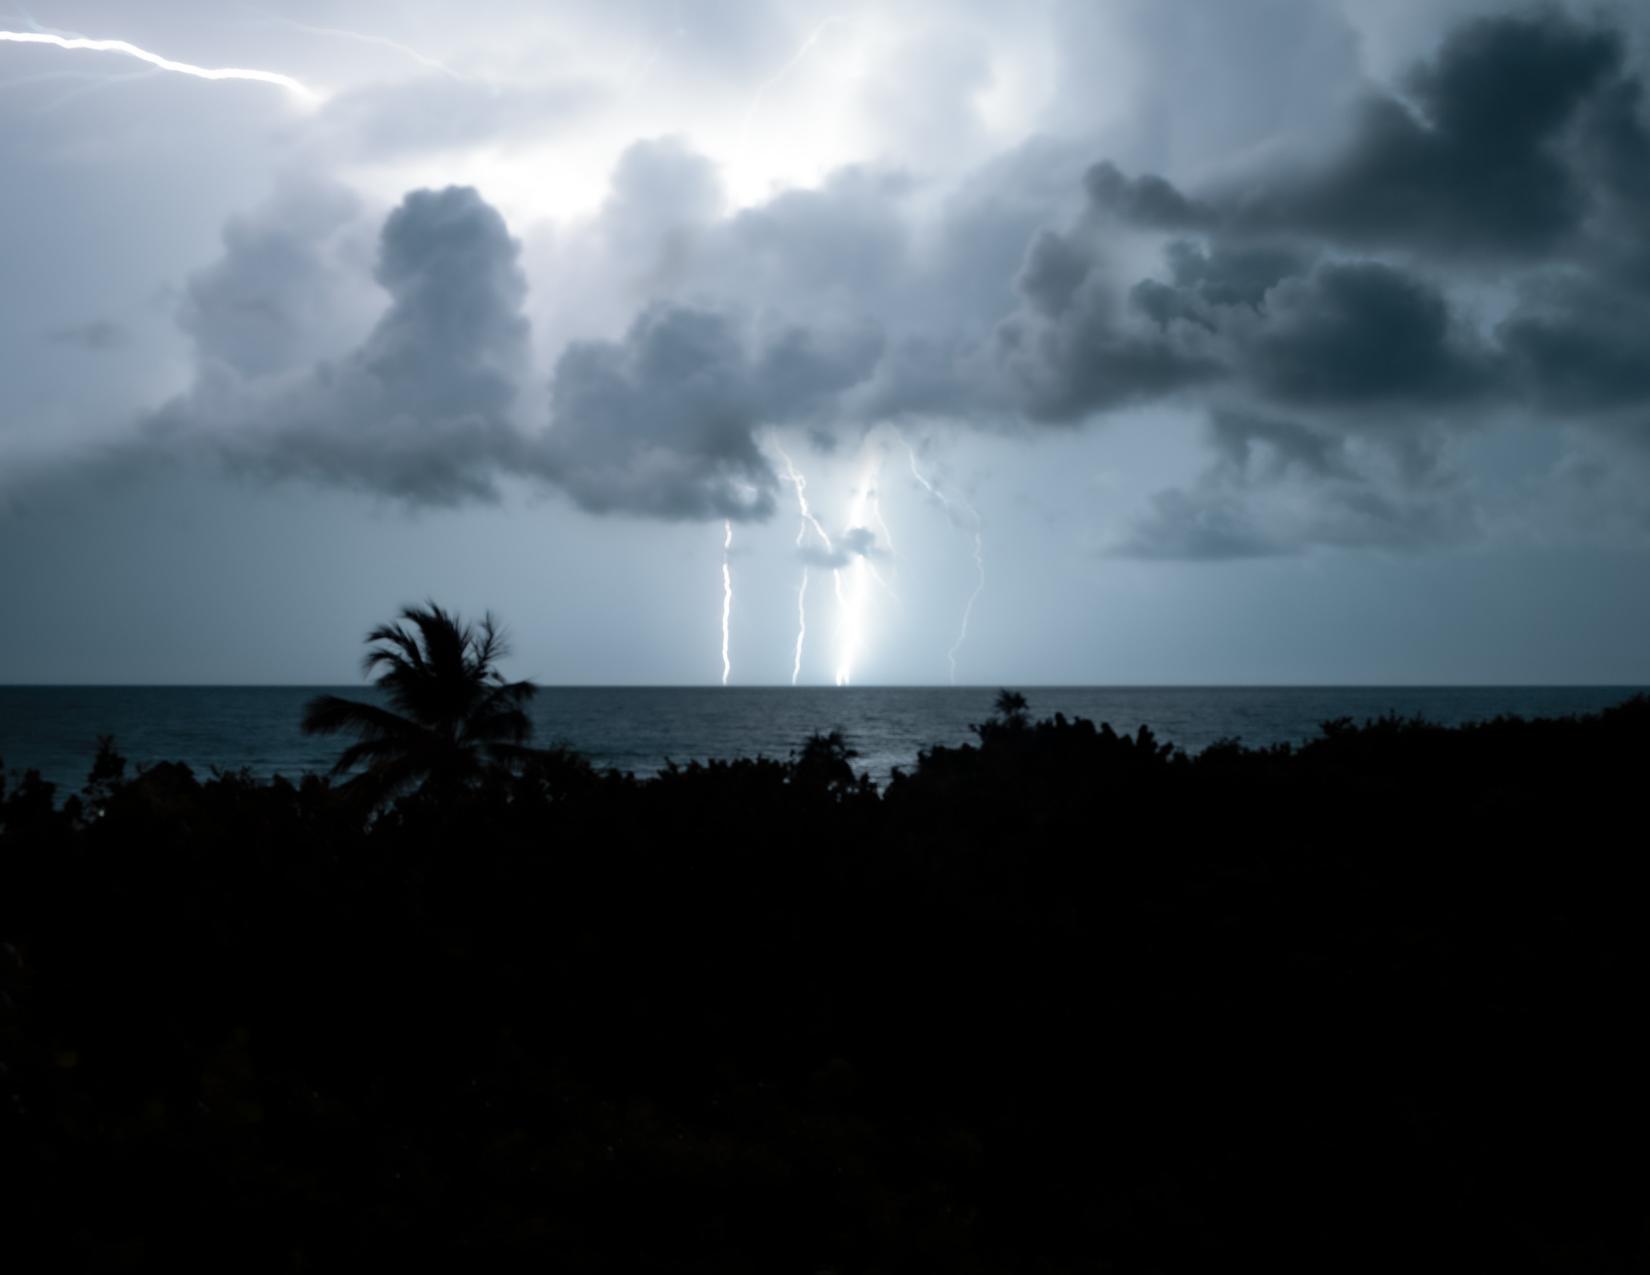 lighting striking ocean